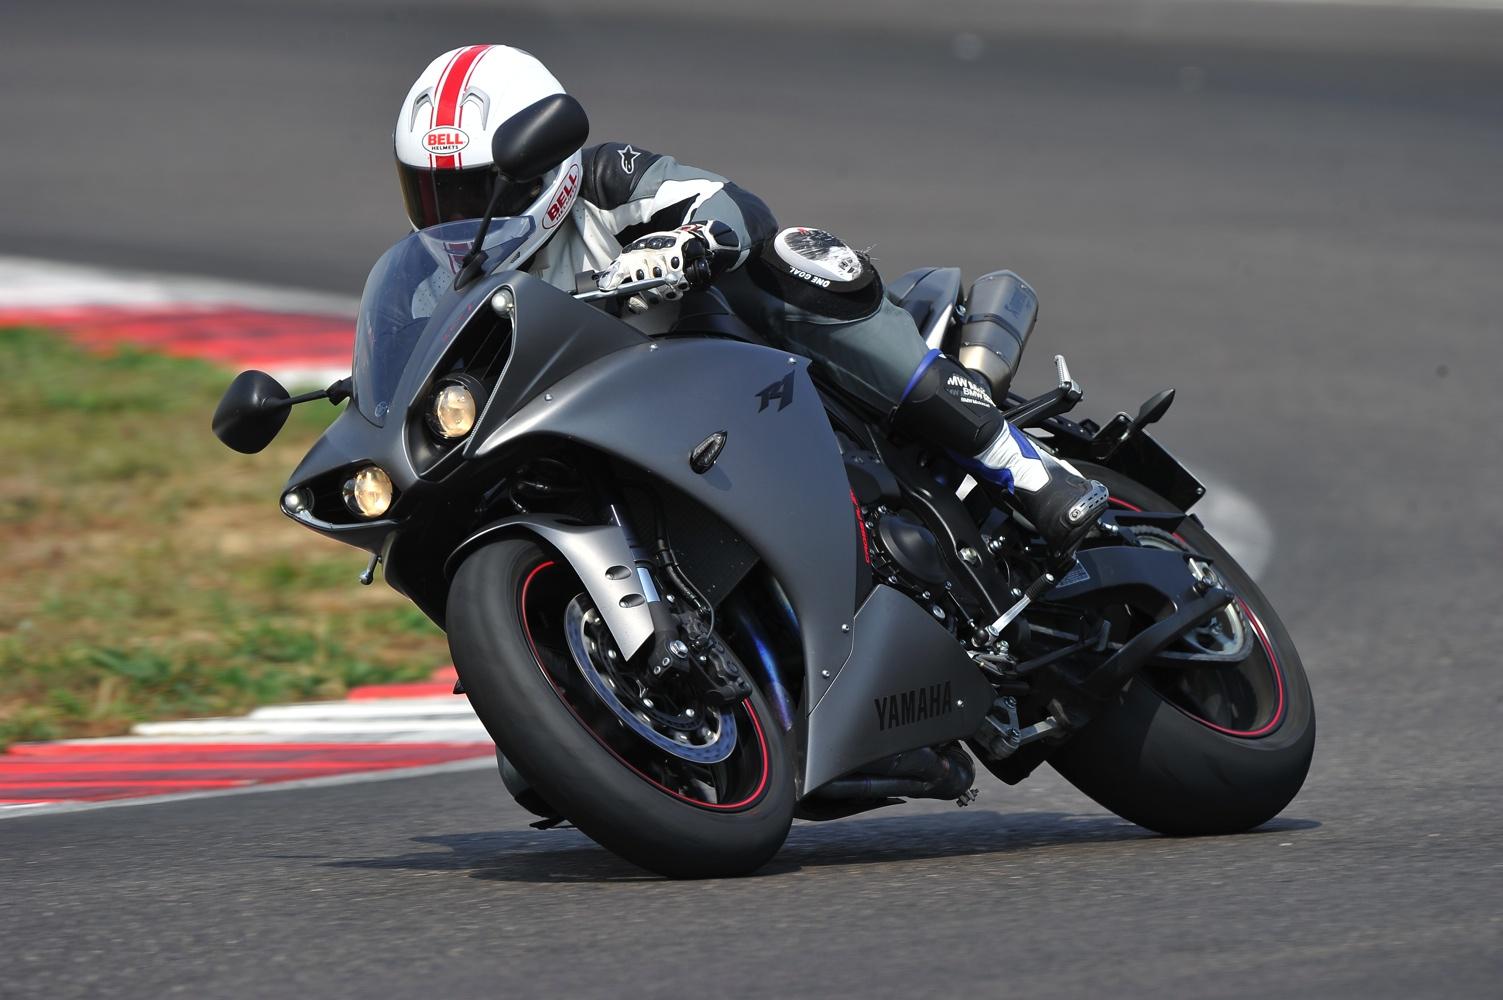 Yamaha Yzf R1 2009 Prezzo Scheda Tecnica Dati Foto E Video